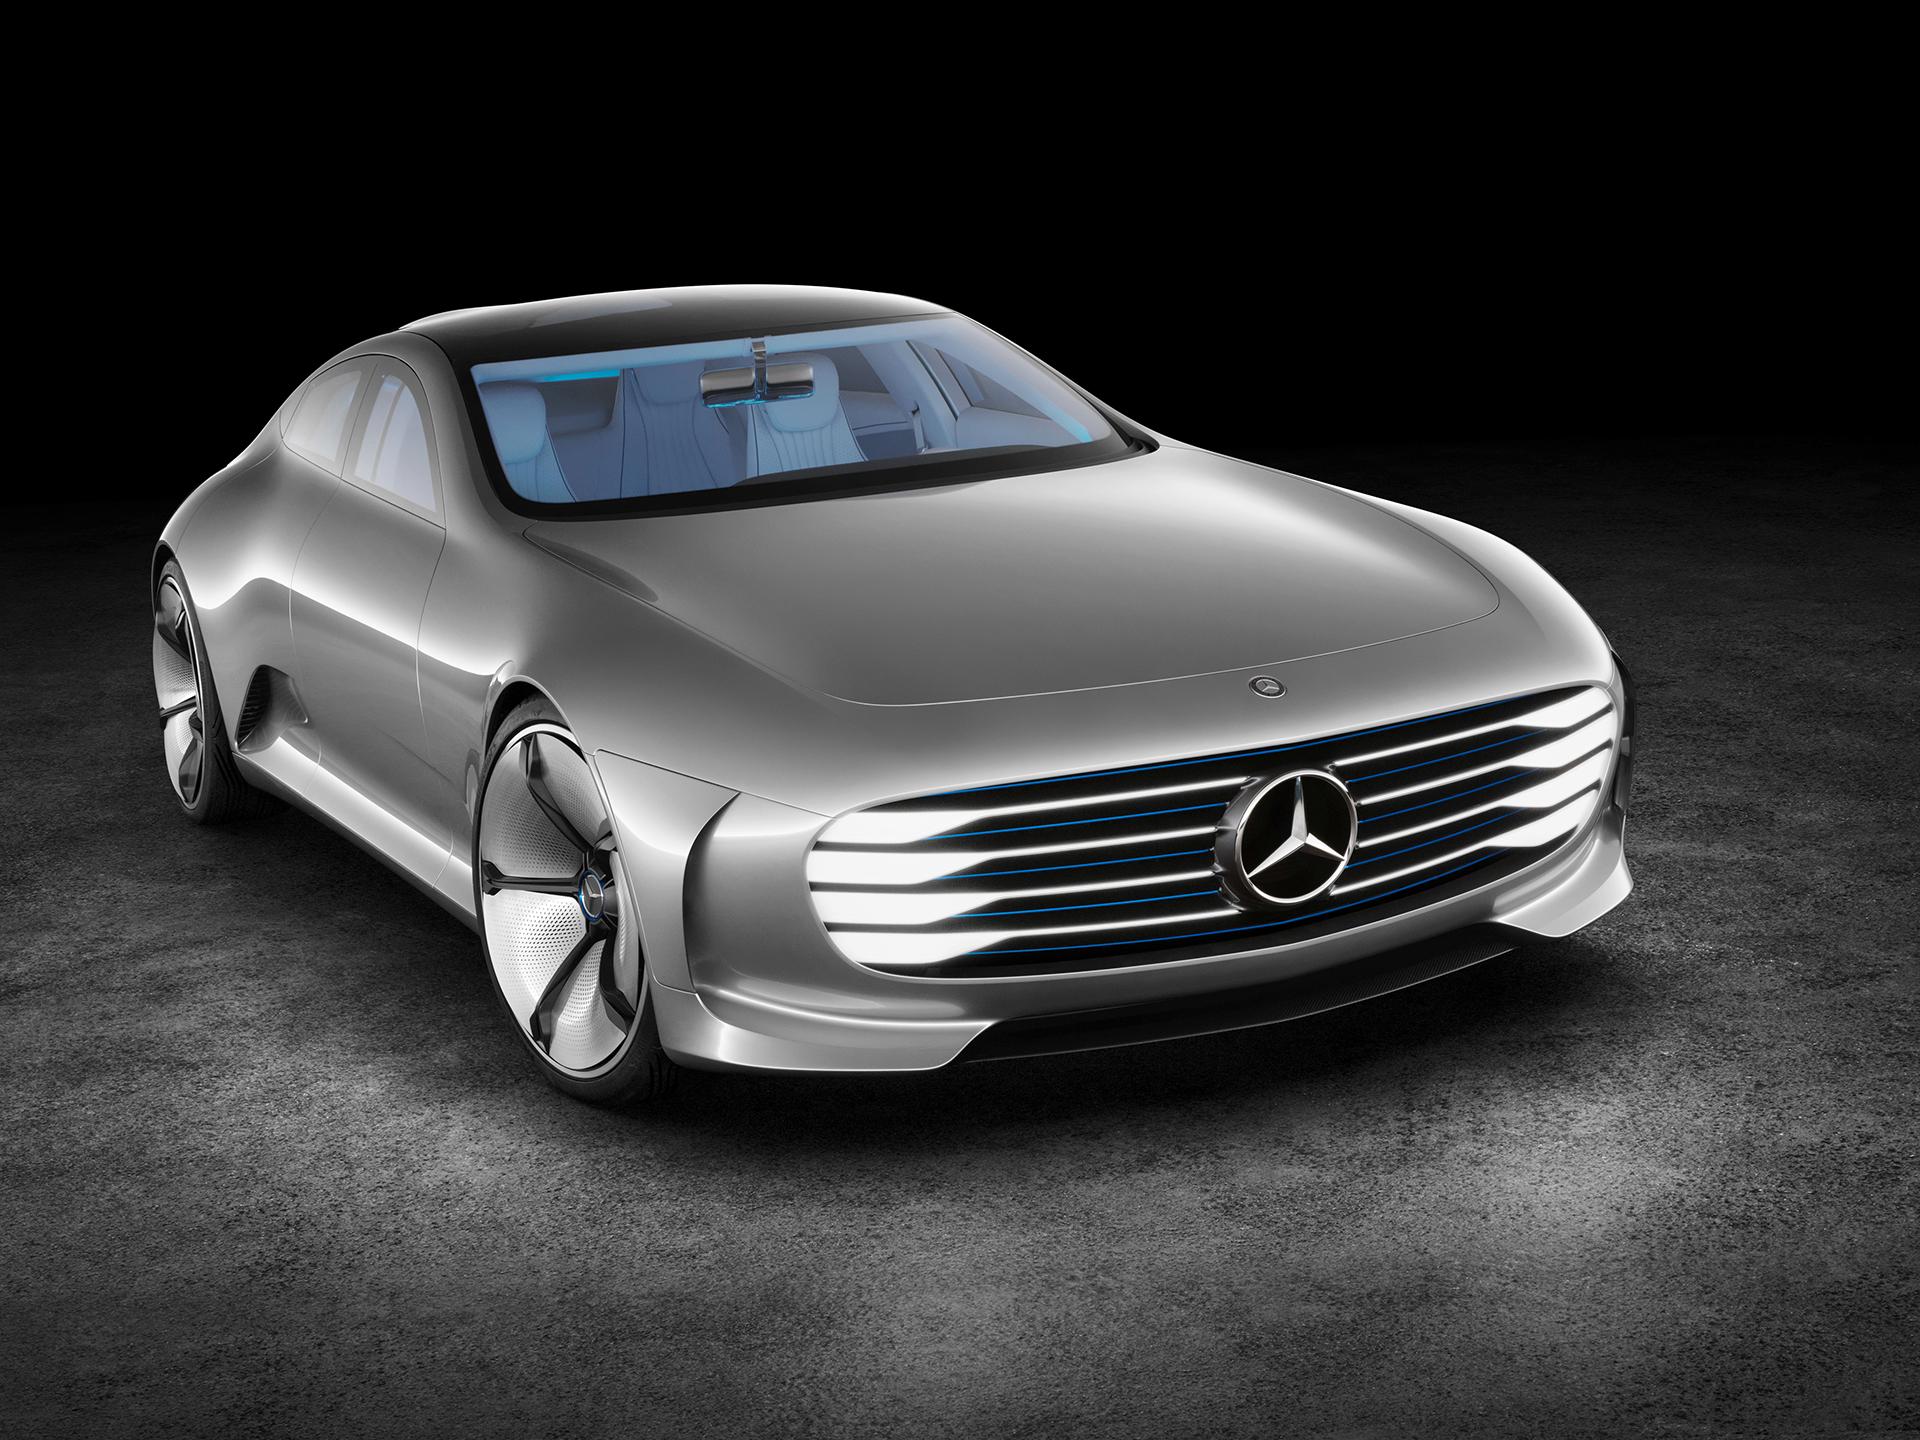 Mercedes-Benz Concept IAA - front / face